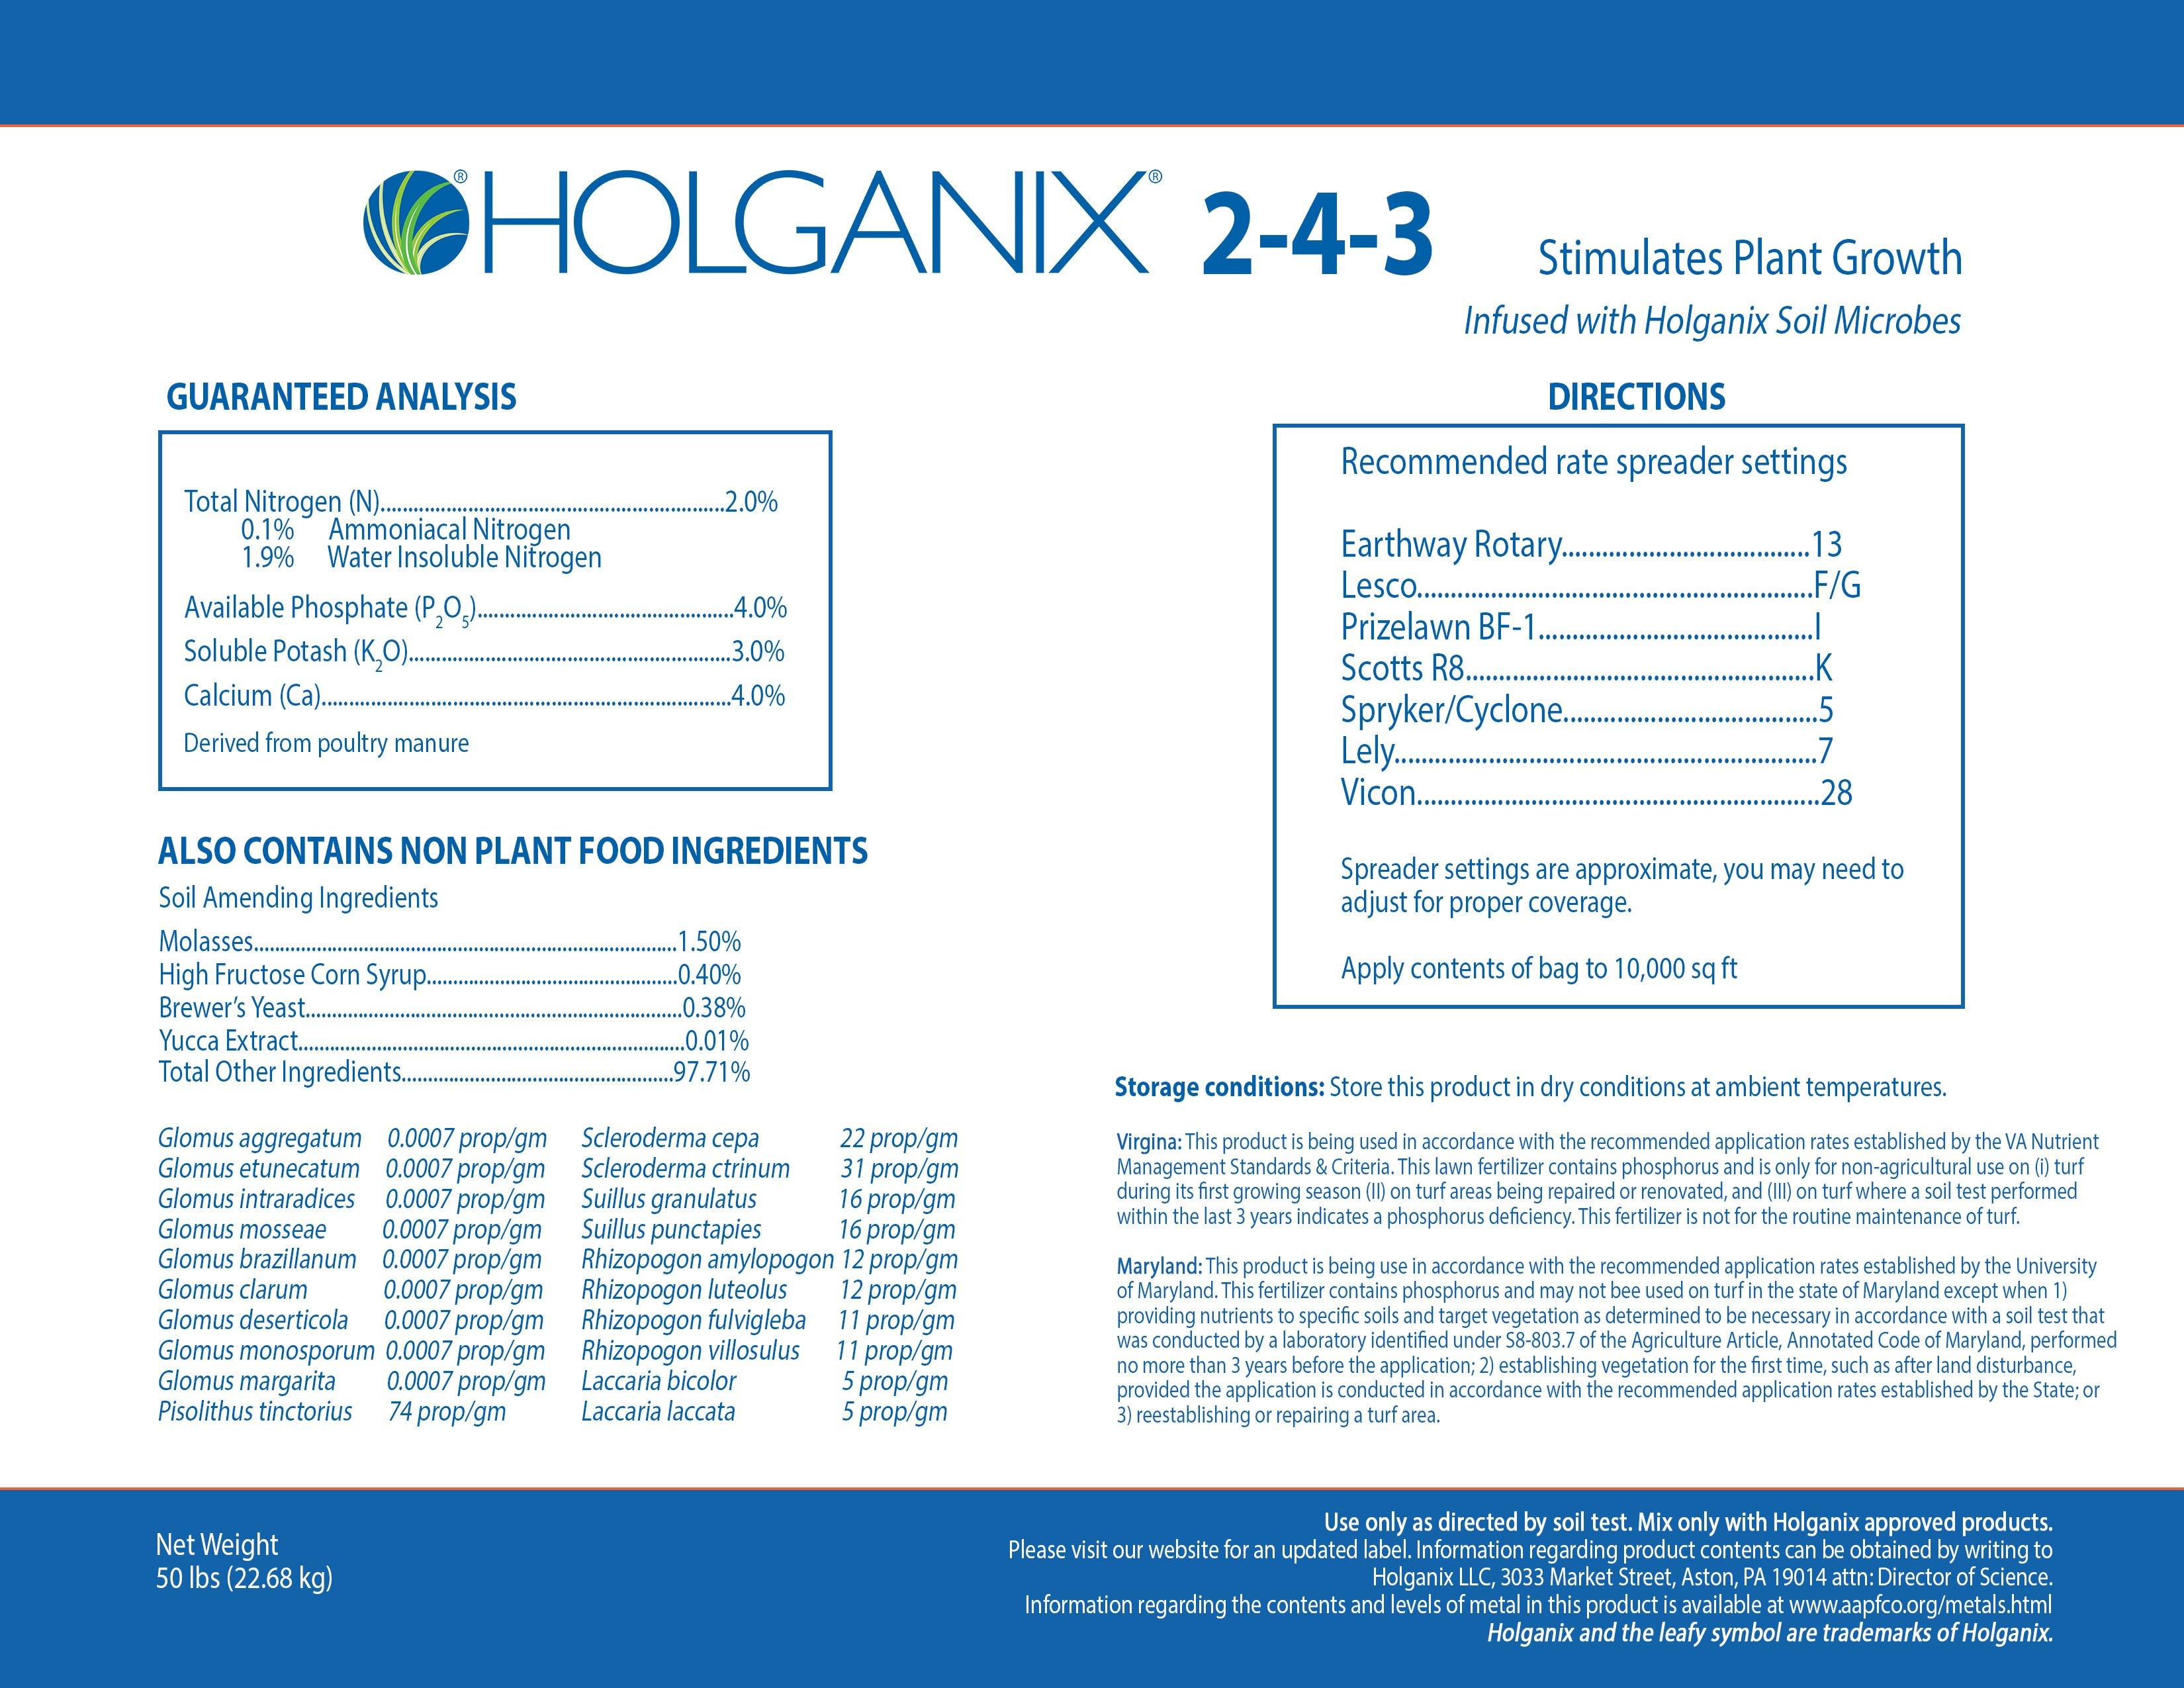 Holganix Granular 2-4-3